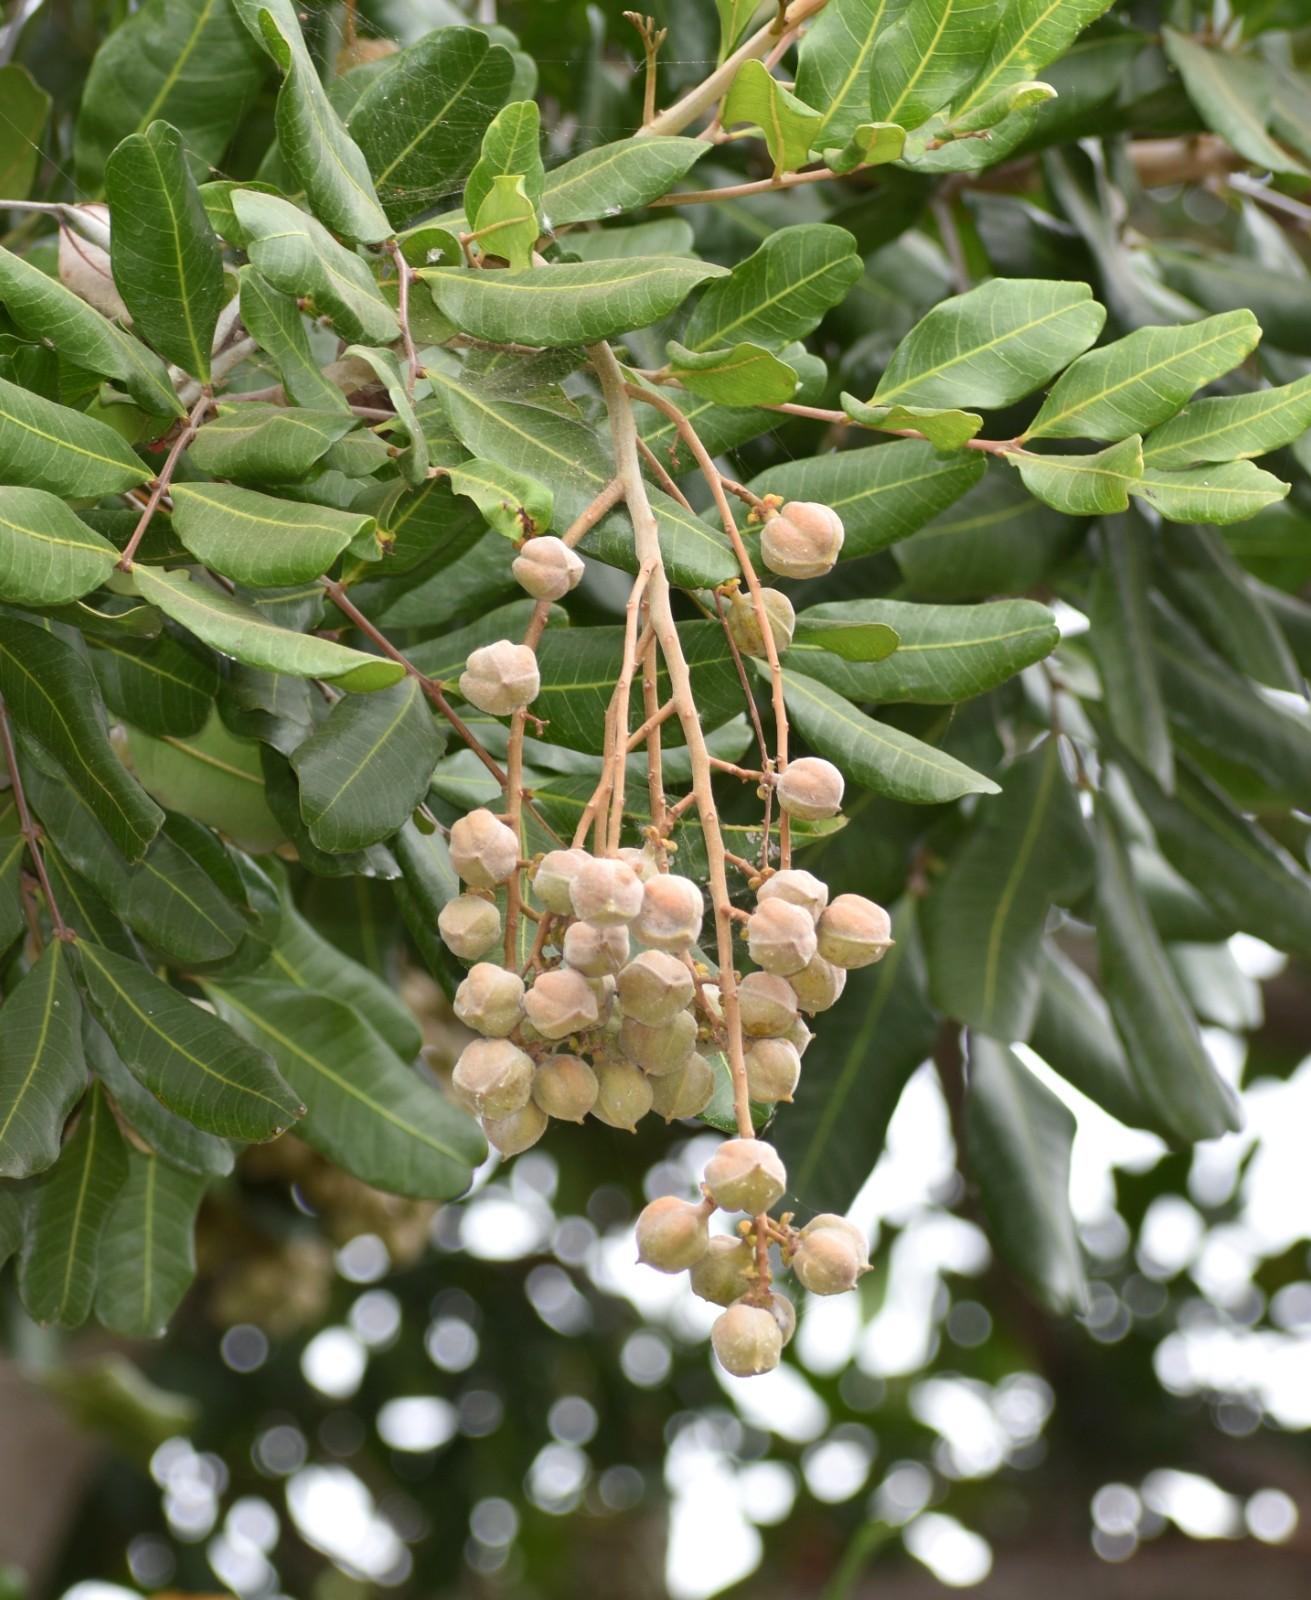 胡萝卜树的果实_图1-18